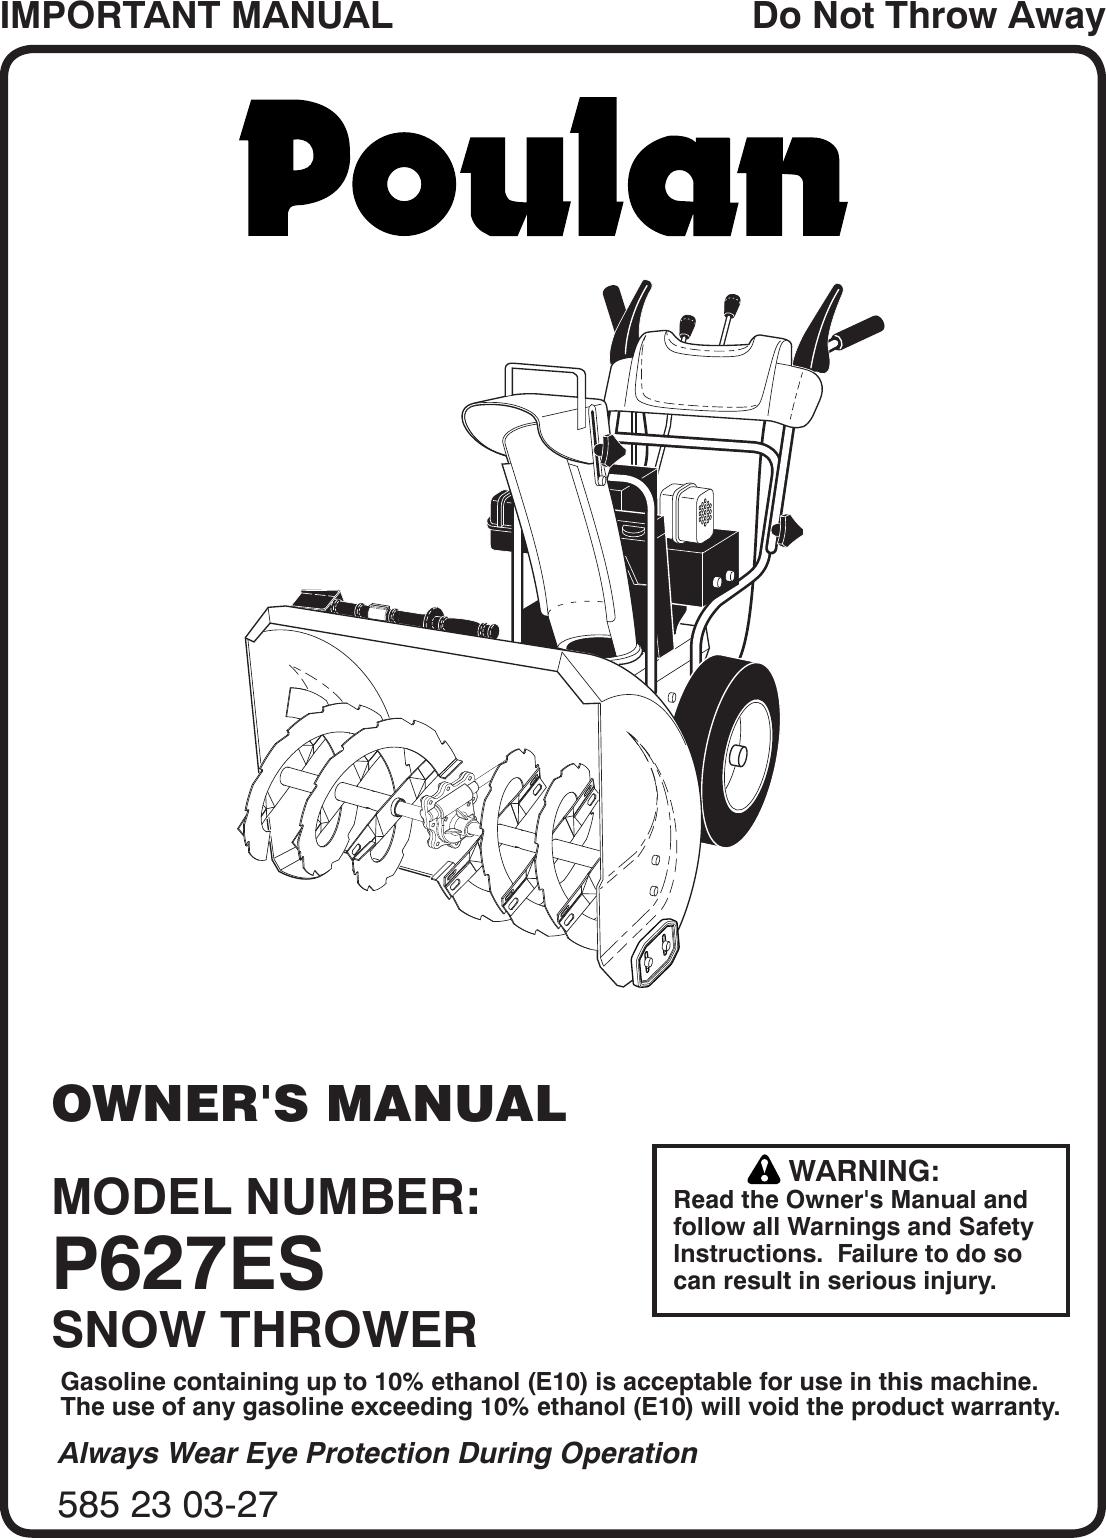 Poulan P627Es 96198004402 2013 07 Owners Manual OM, P627ES